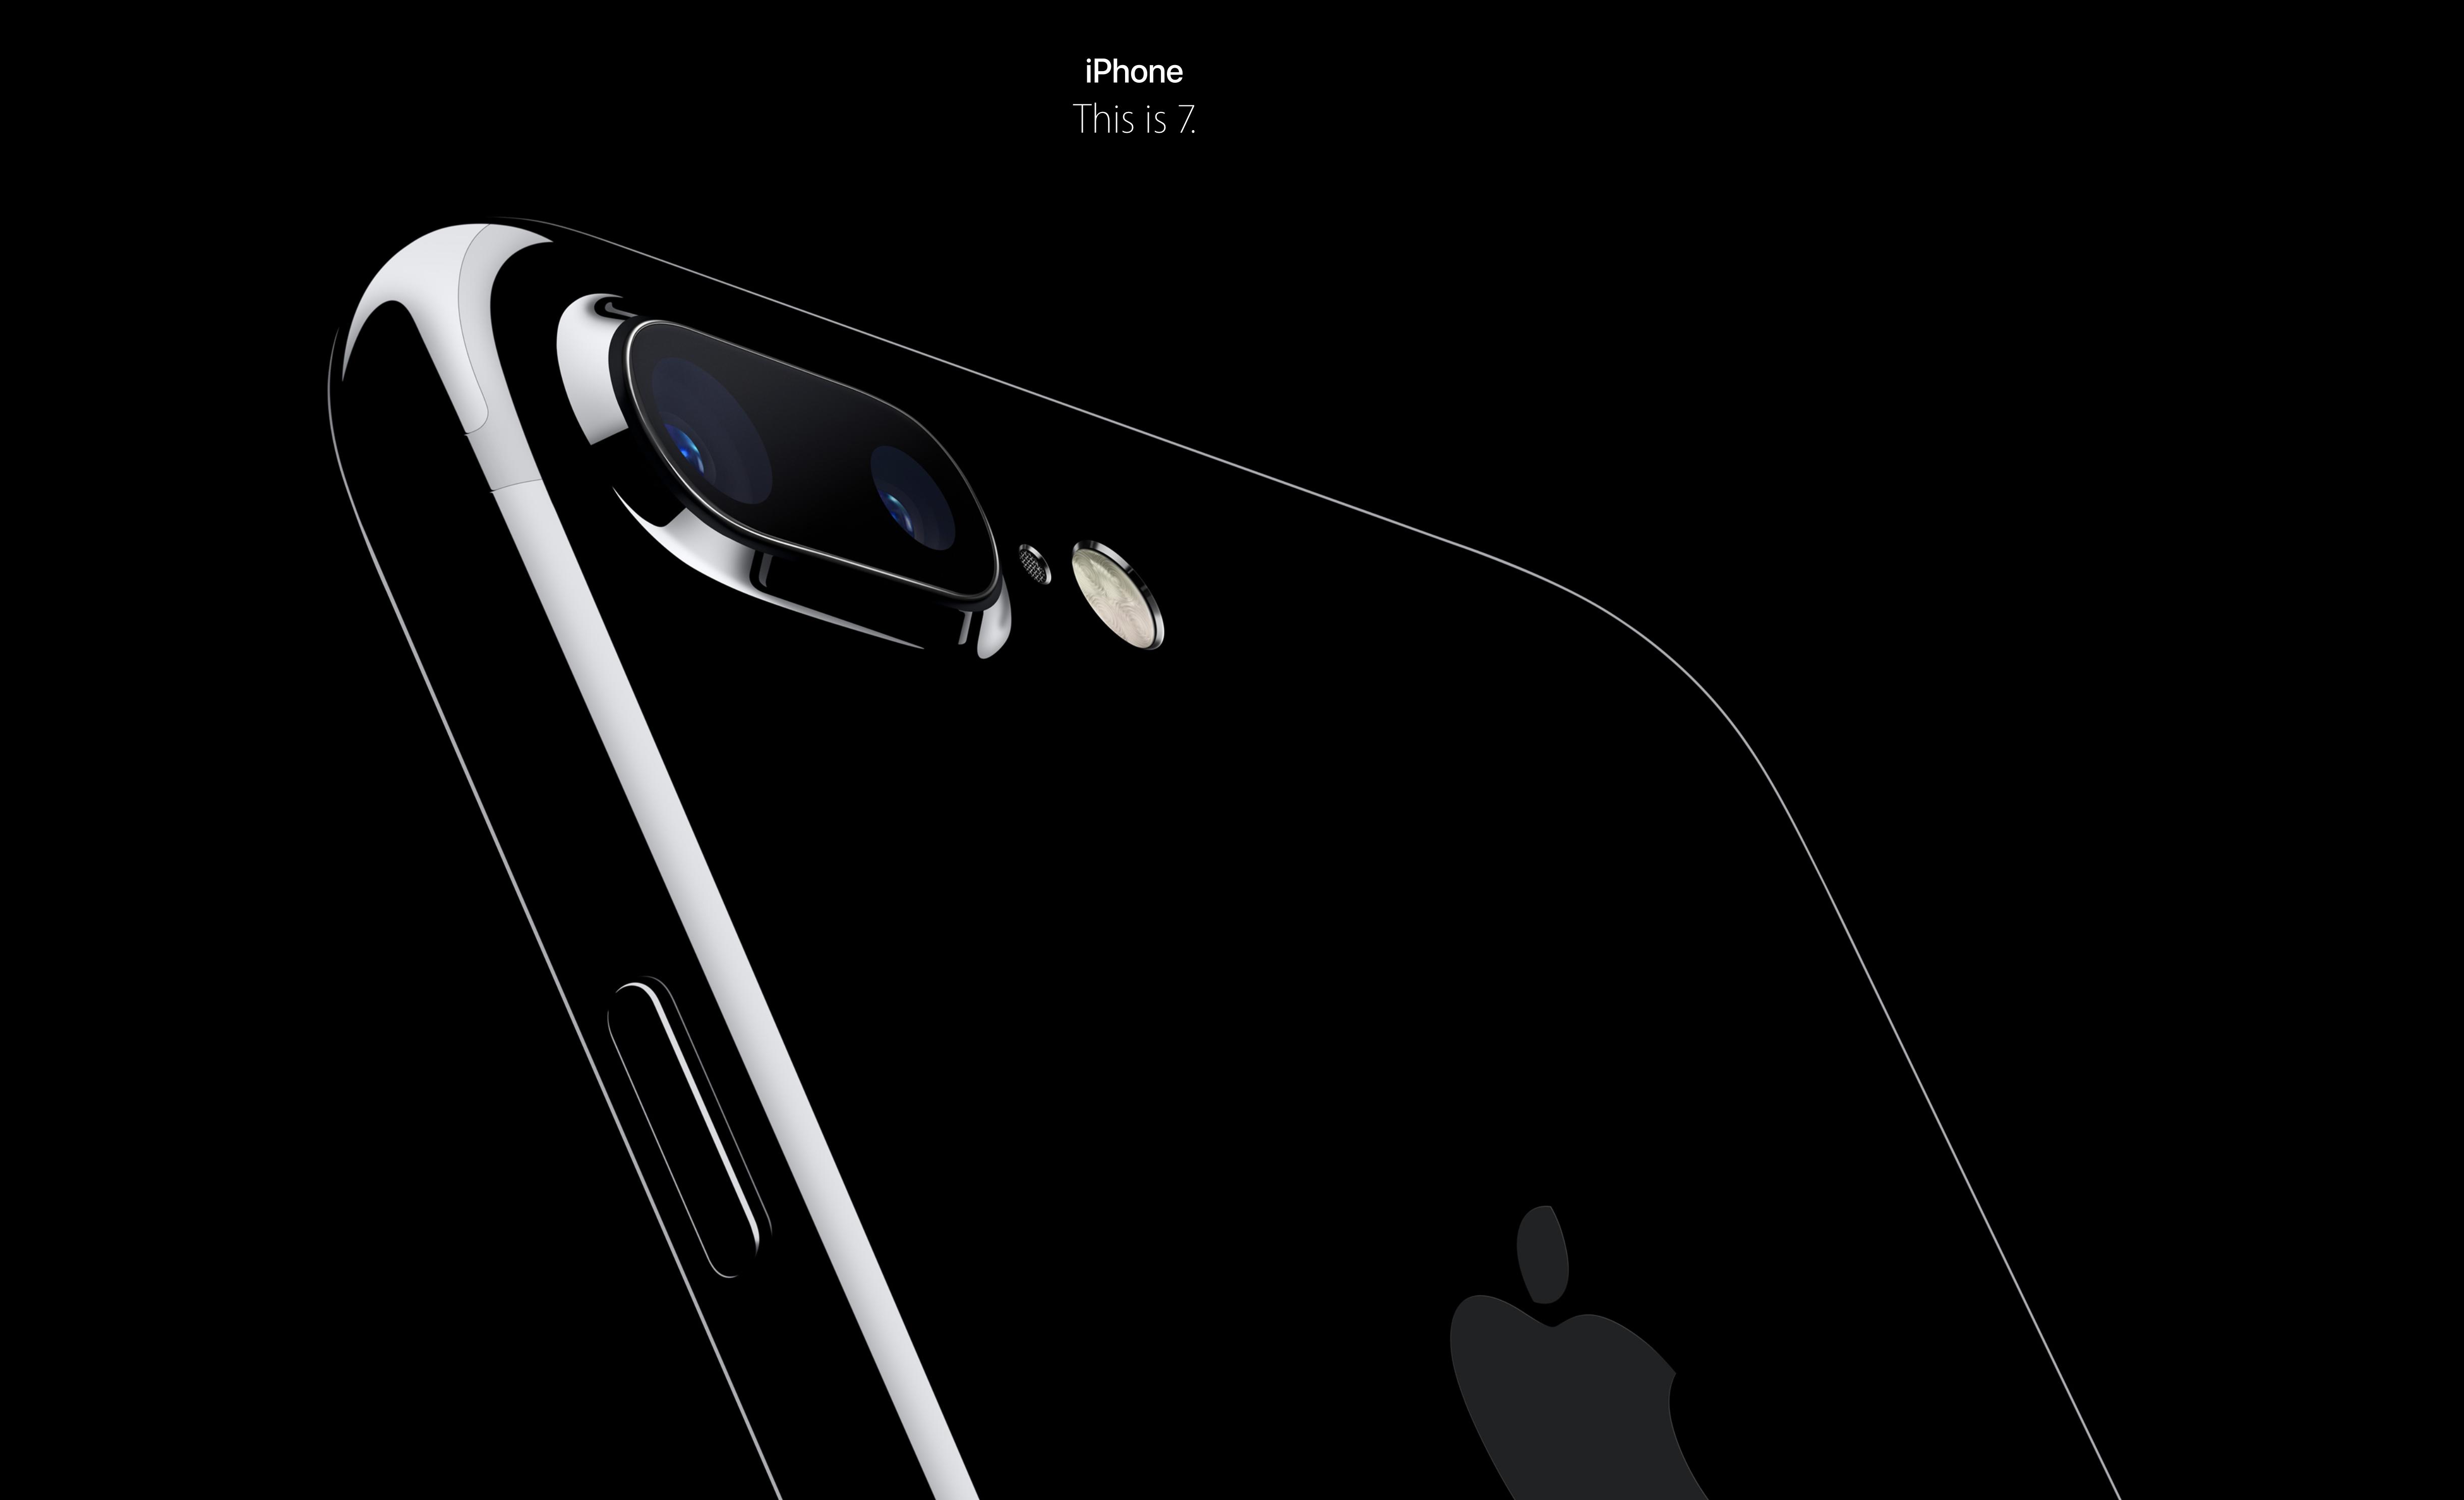 เมื่อคืน Apple มีไรใหม่เรามาดูกัน